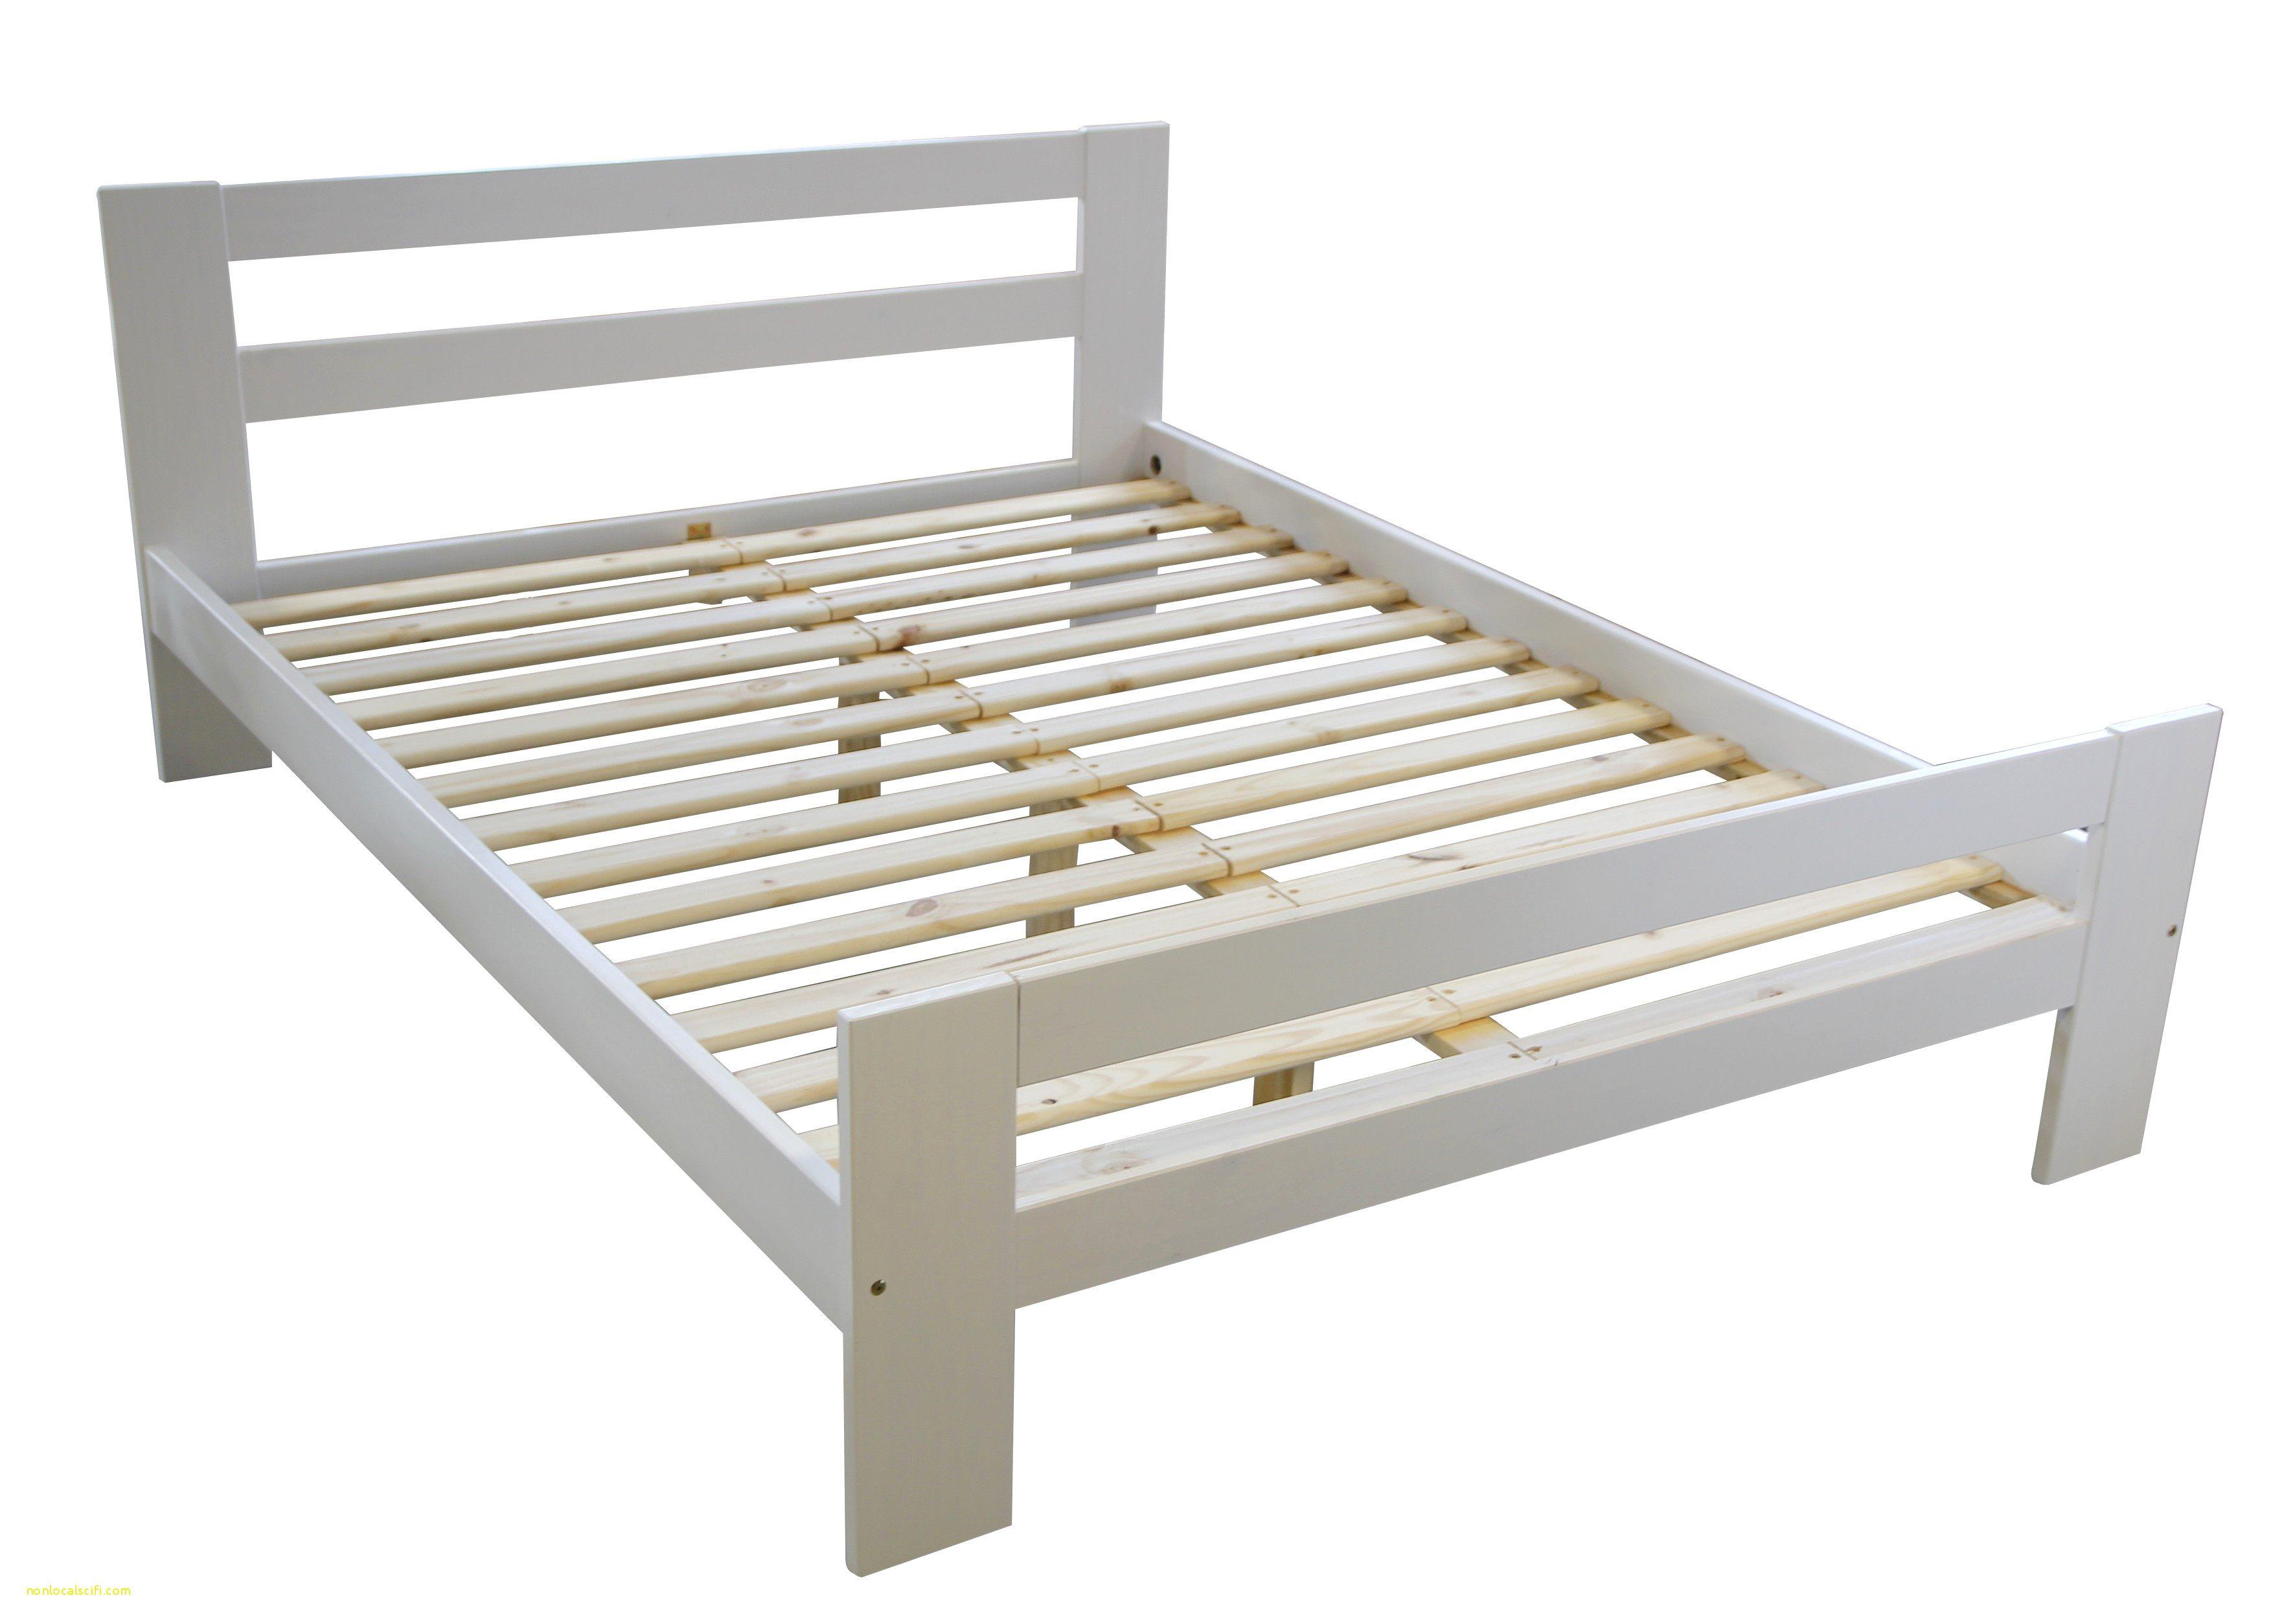 Lit Et sommier Pas Cher Frais Résultat Supérieur Matelas sommier Unique sommier Ikea 160—200 Best